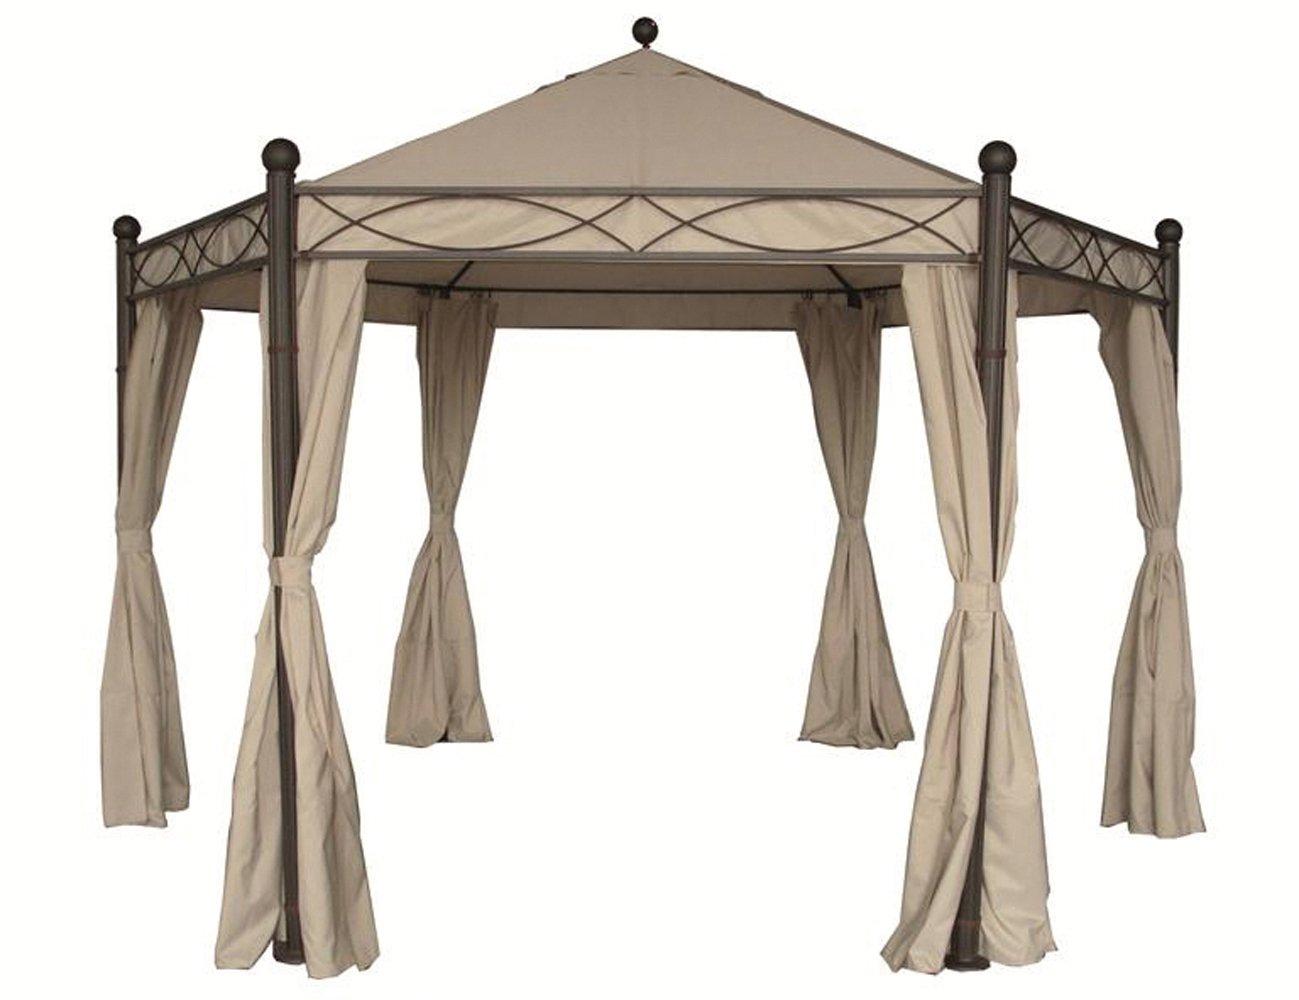 Siena Garden 407826 Seitenteile zu Pavillon Kenia 6eck Polyester natur günstig bestellen